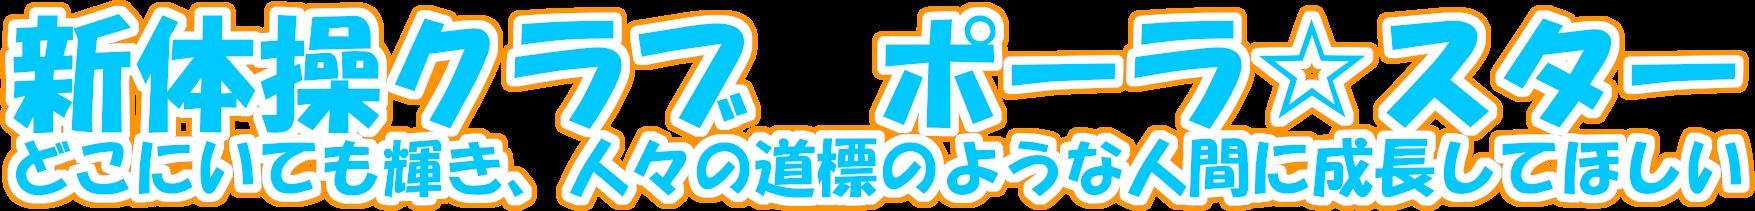 新体操クラブ ポーラ☆スター